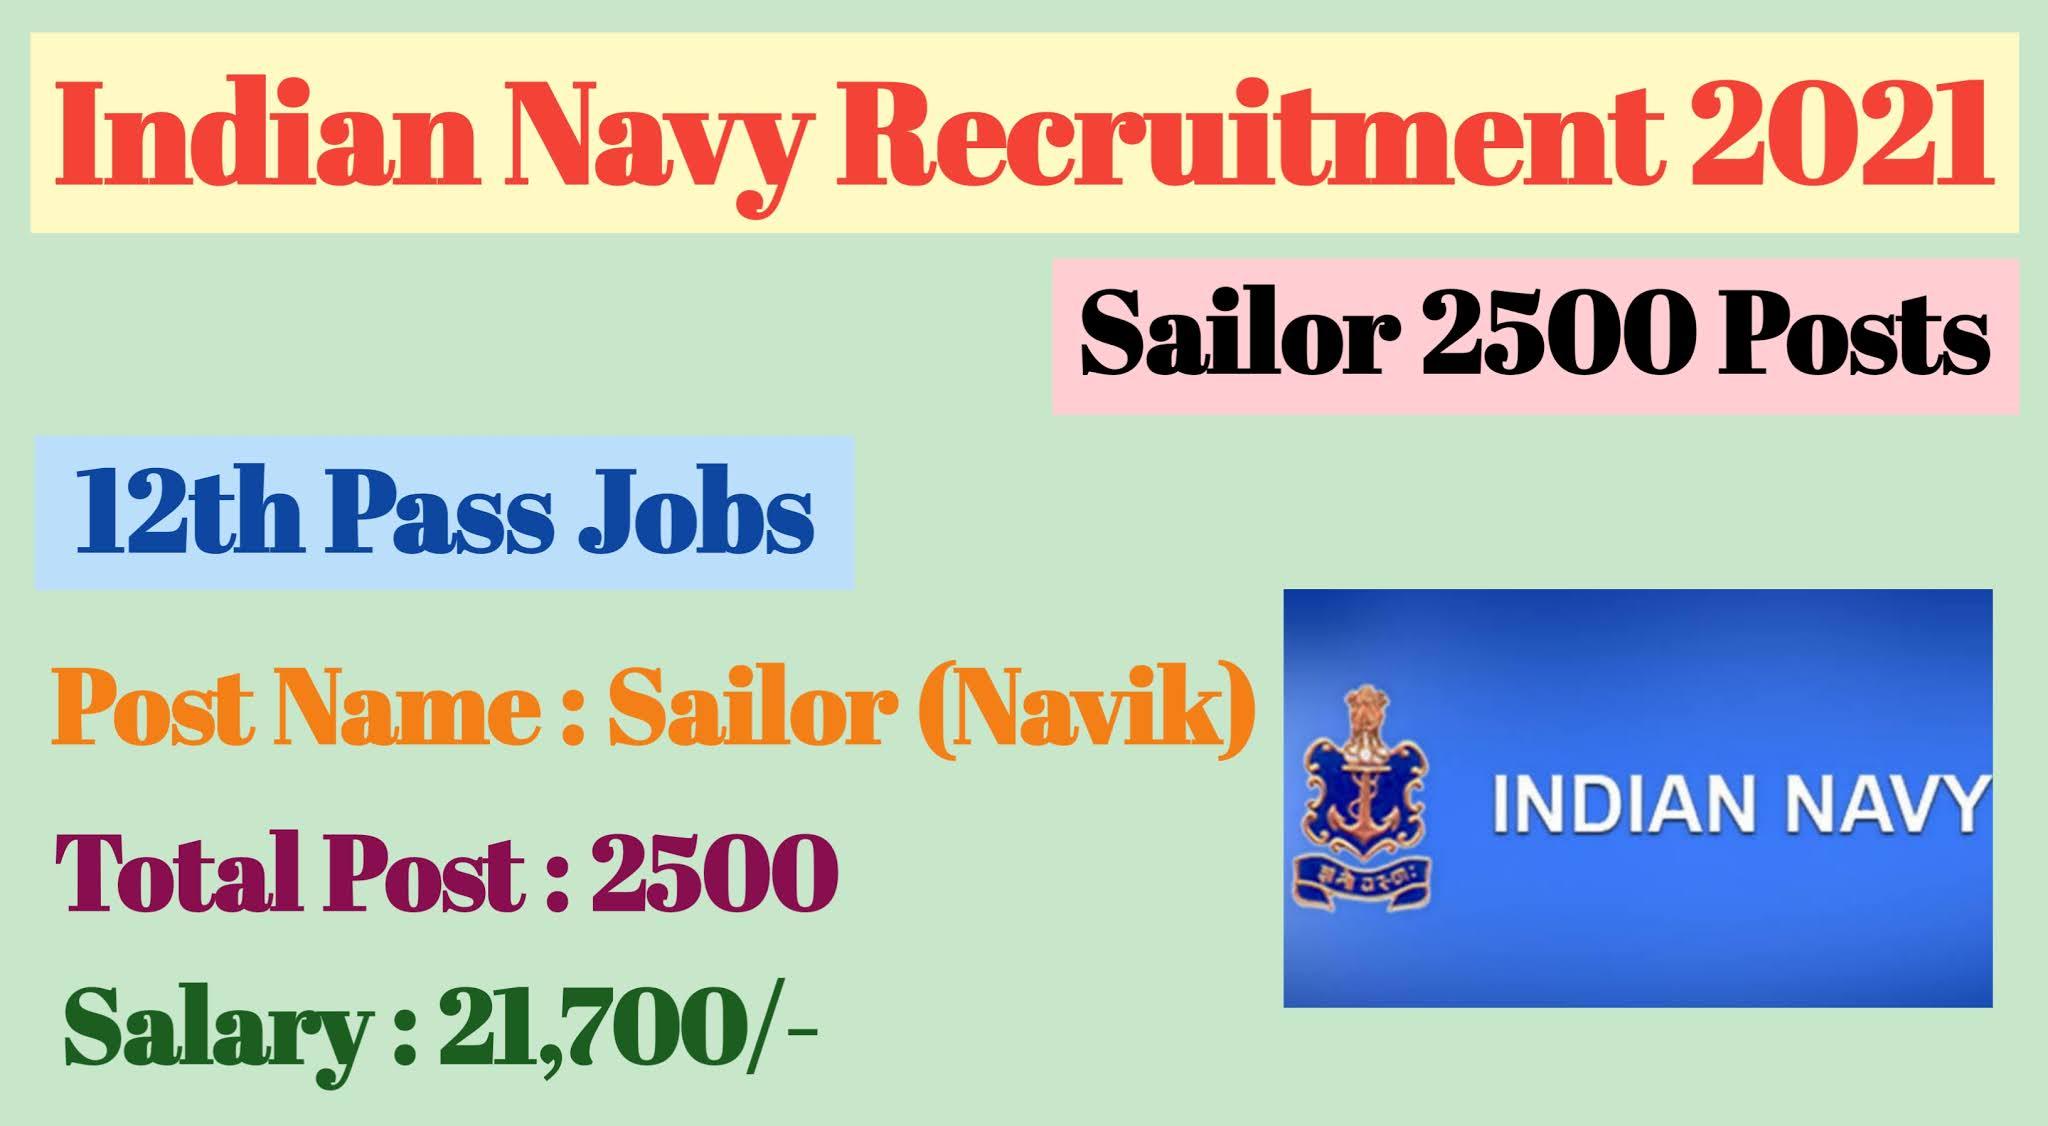 Indian Navy Recruitment 2021, Indian Navy Sailors Recruitment 2021, Indian Navy SSR AA Recruitment 2021, Indian Navy SSR AA Recruitment 2021 Notification, sailors for AA and SSR for 500 & 2000 vacanciesz, Indian Navy Navik Recruitment 2021, Indian Navy Navik Vacancy 2021